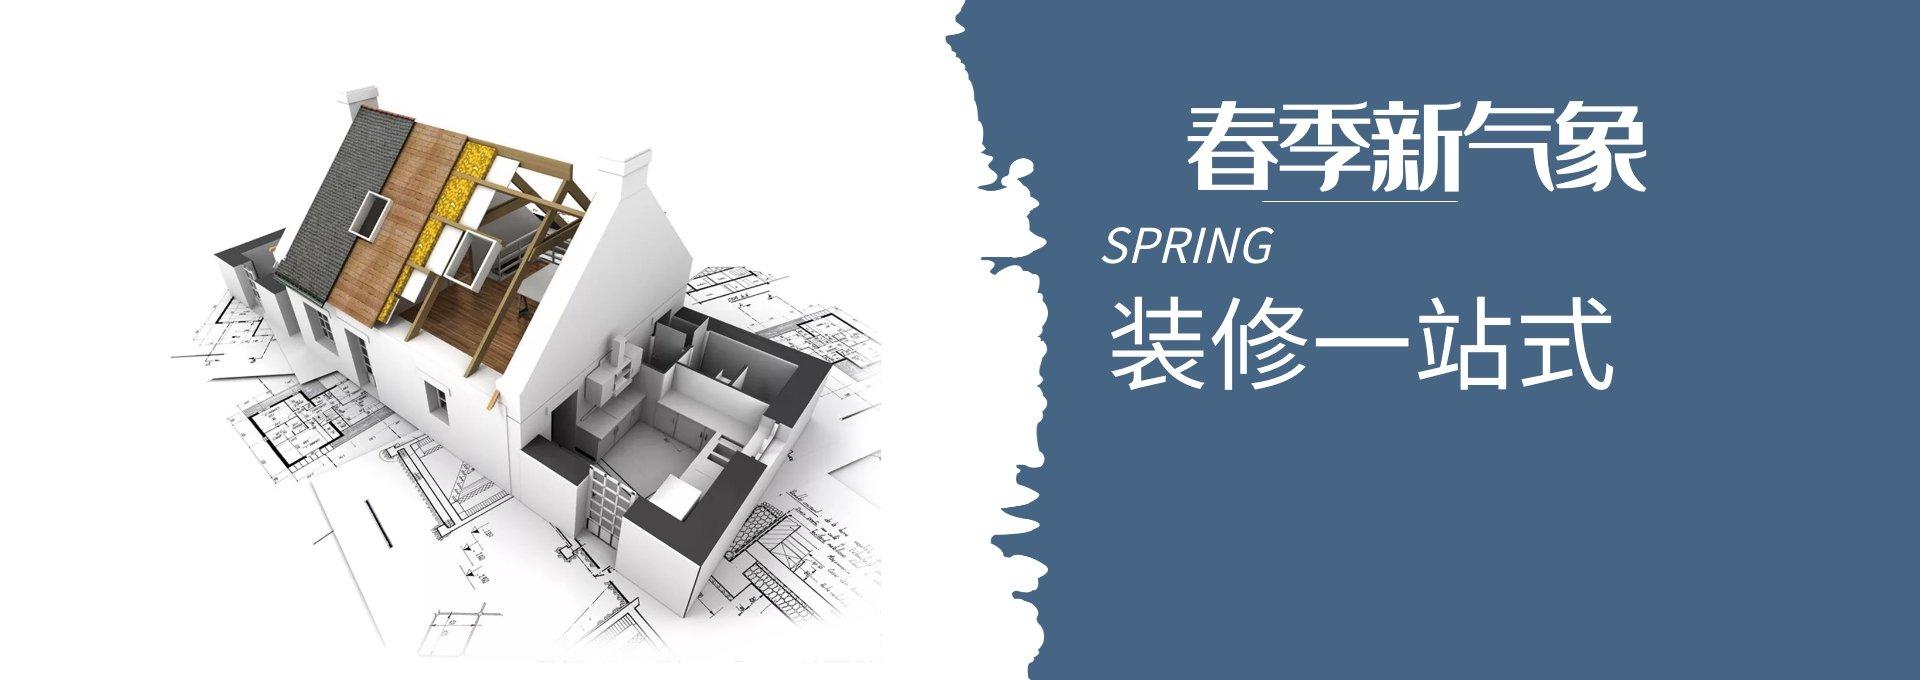 春季裝修季